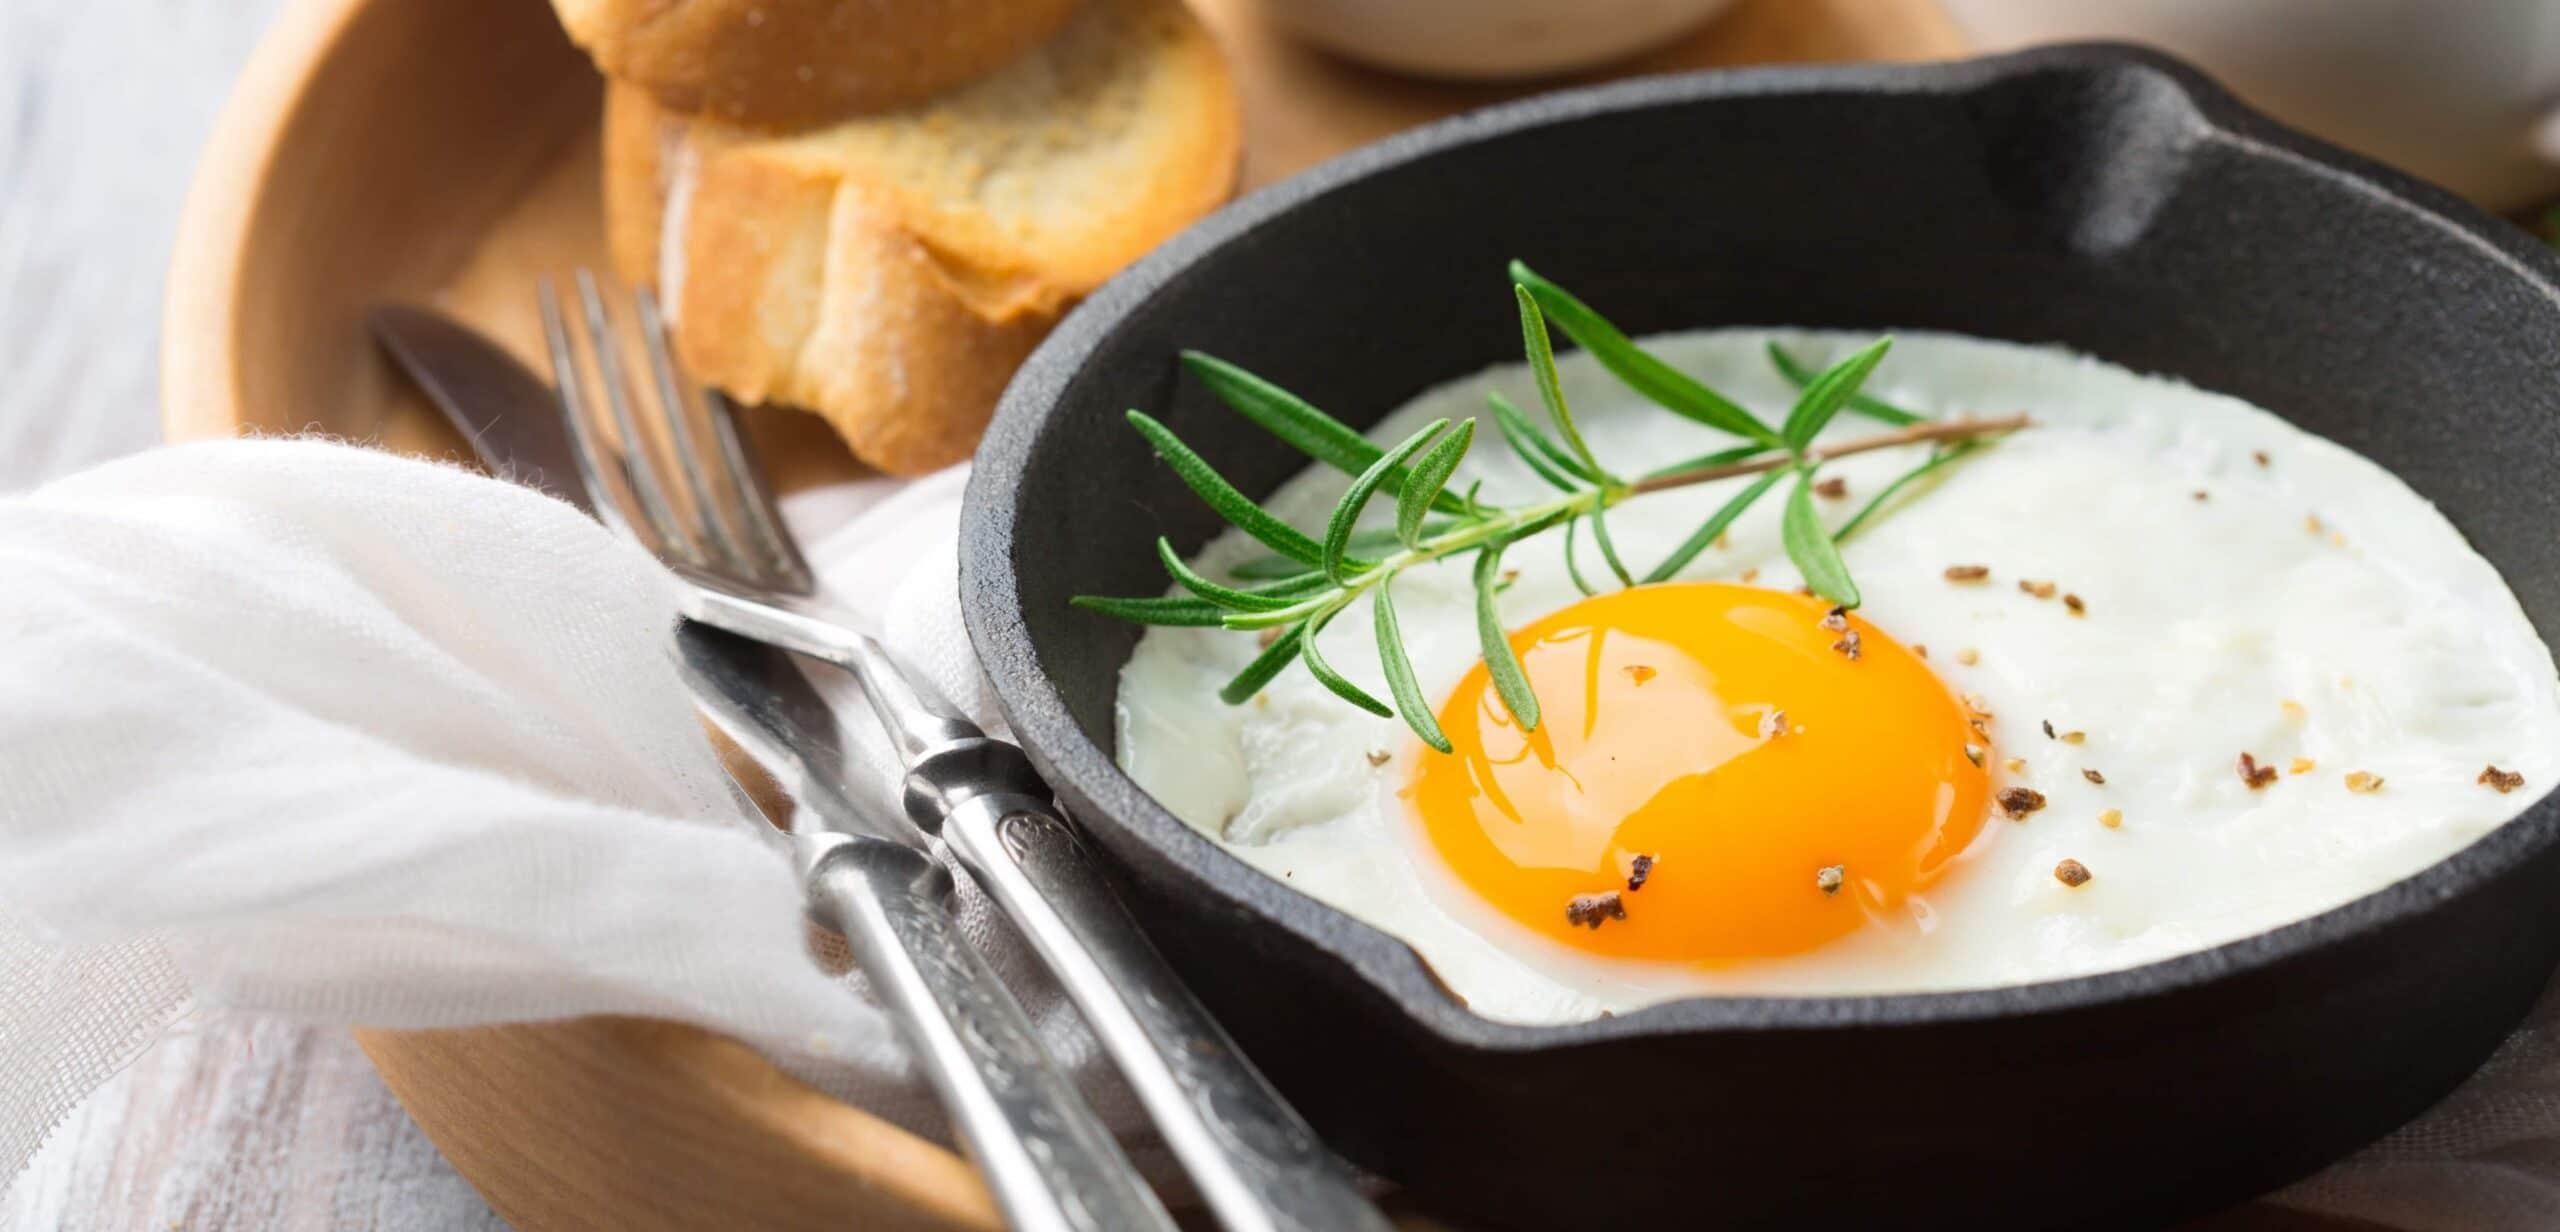 quante proteine ha un uovo